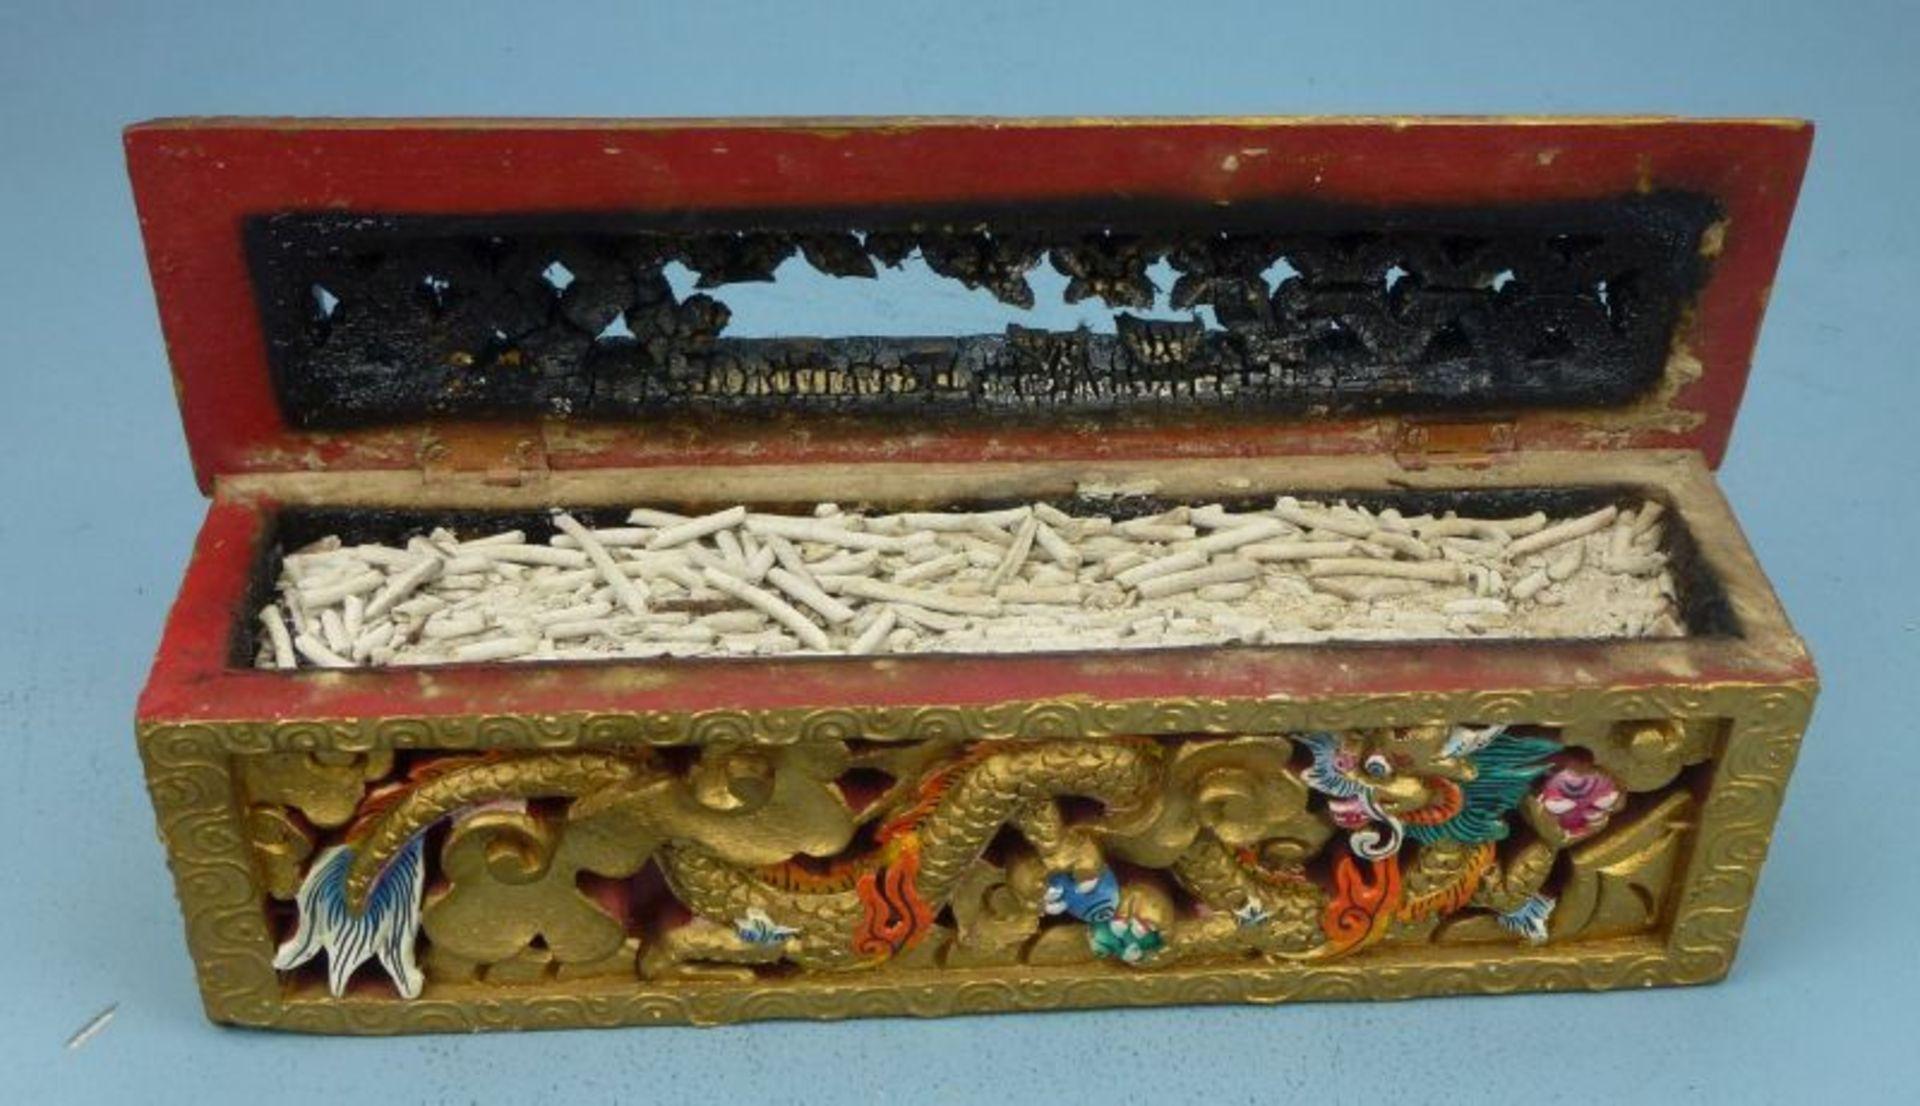 Räuchergefäß, Asien, 20.Jh.Holz geschnitzt, polychrom bem. u. vergoldet, langrechteckiger Kasten - Bild 2 aus 2